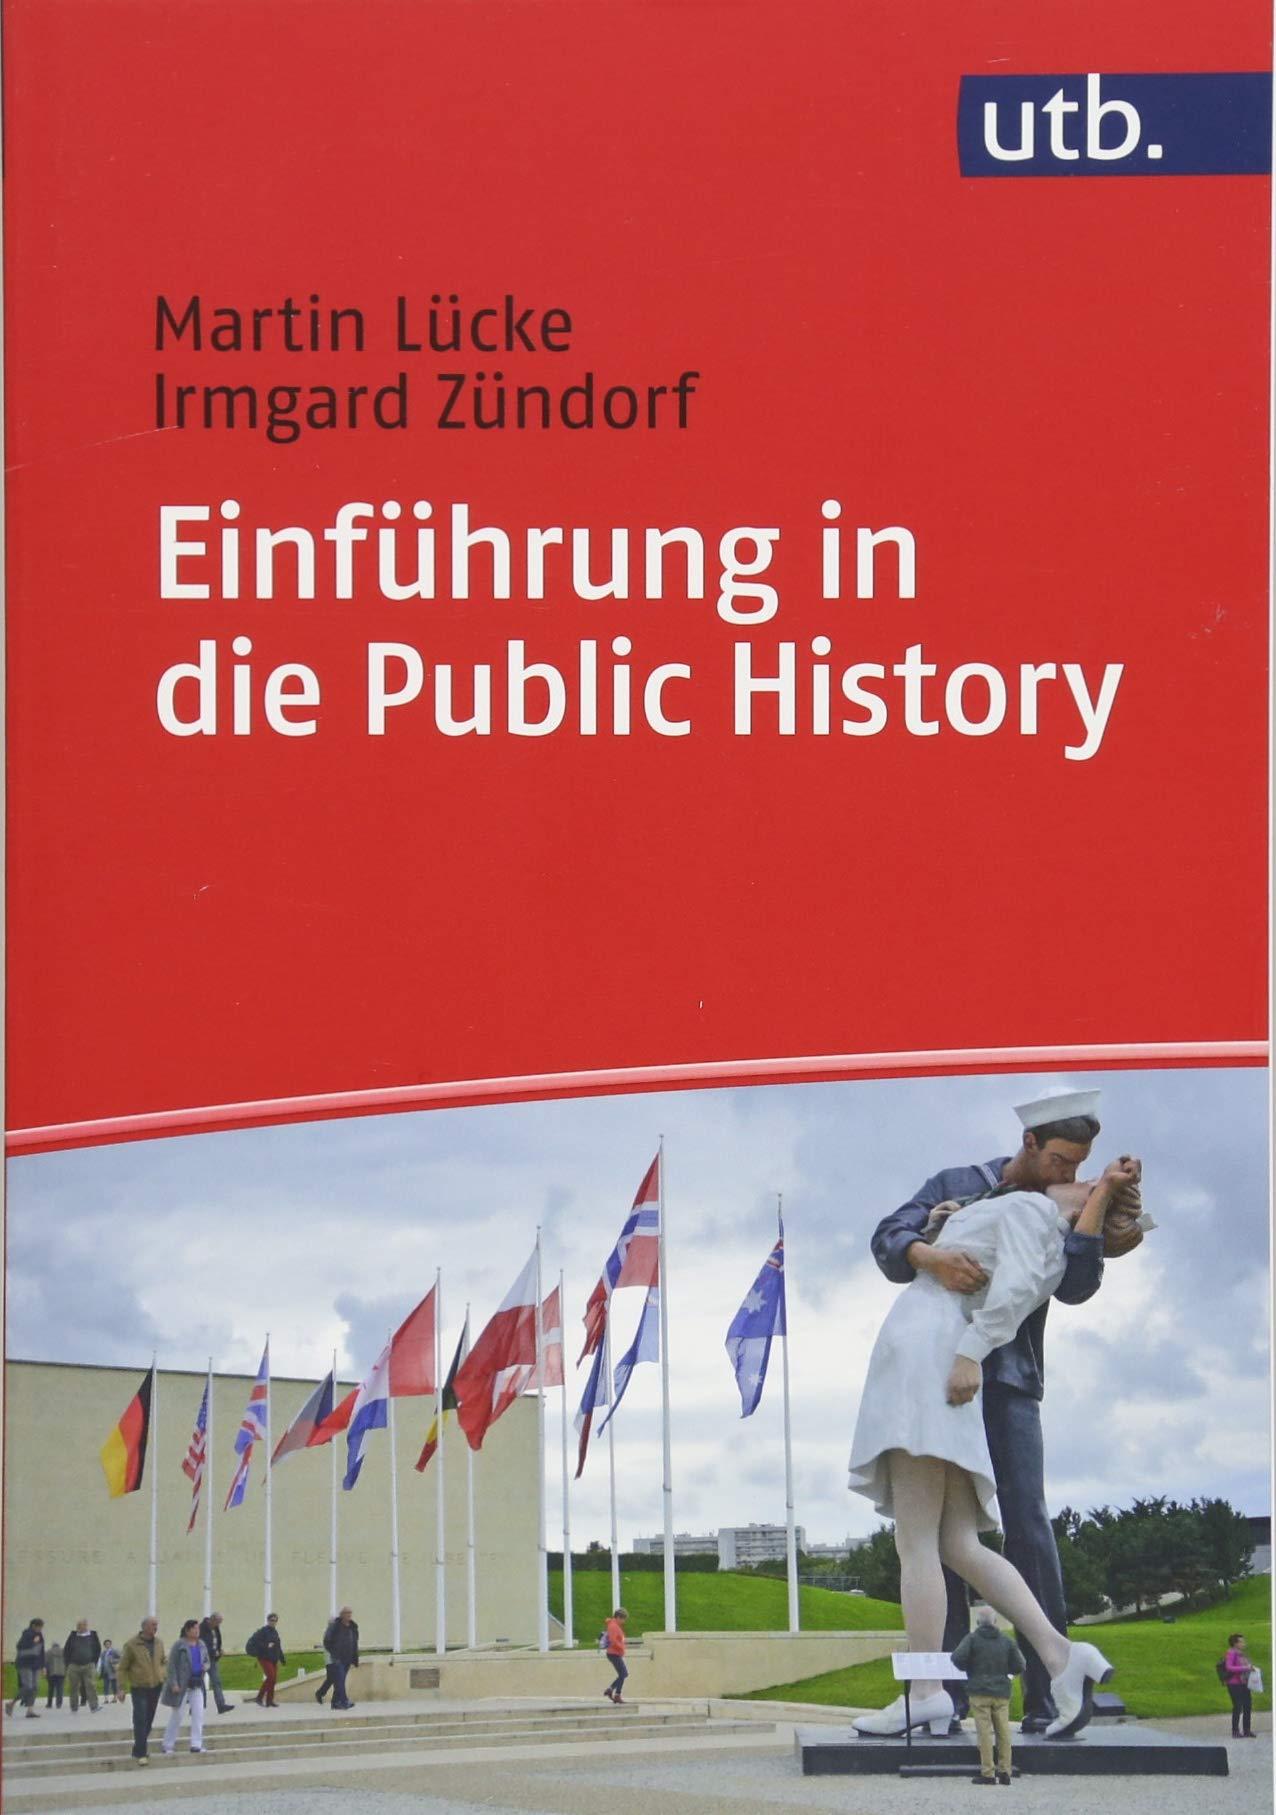 einfhrung-in-die-public-history-utb